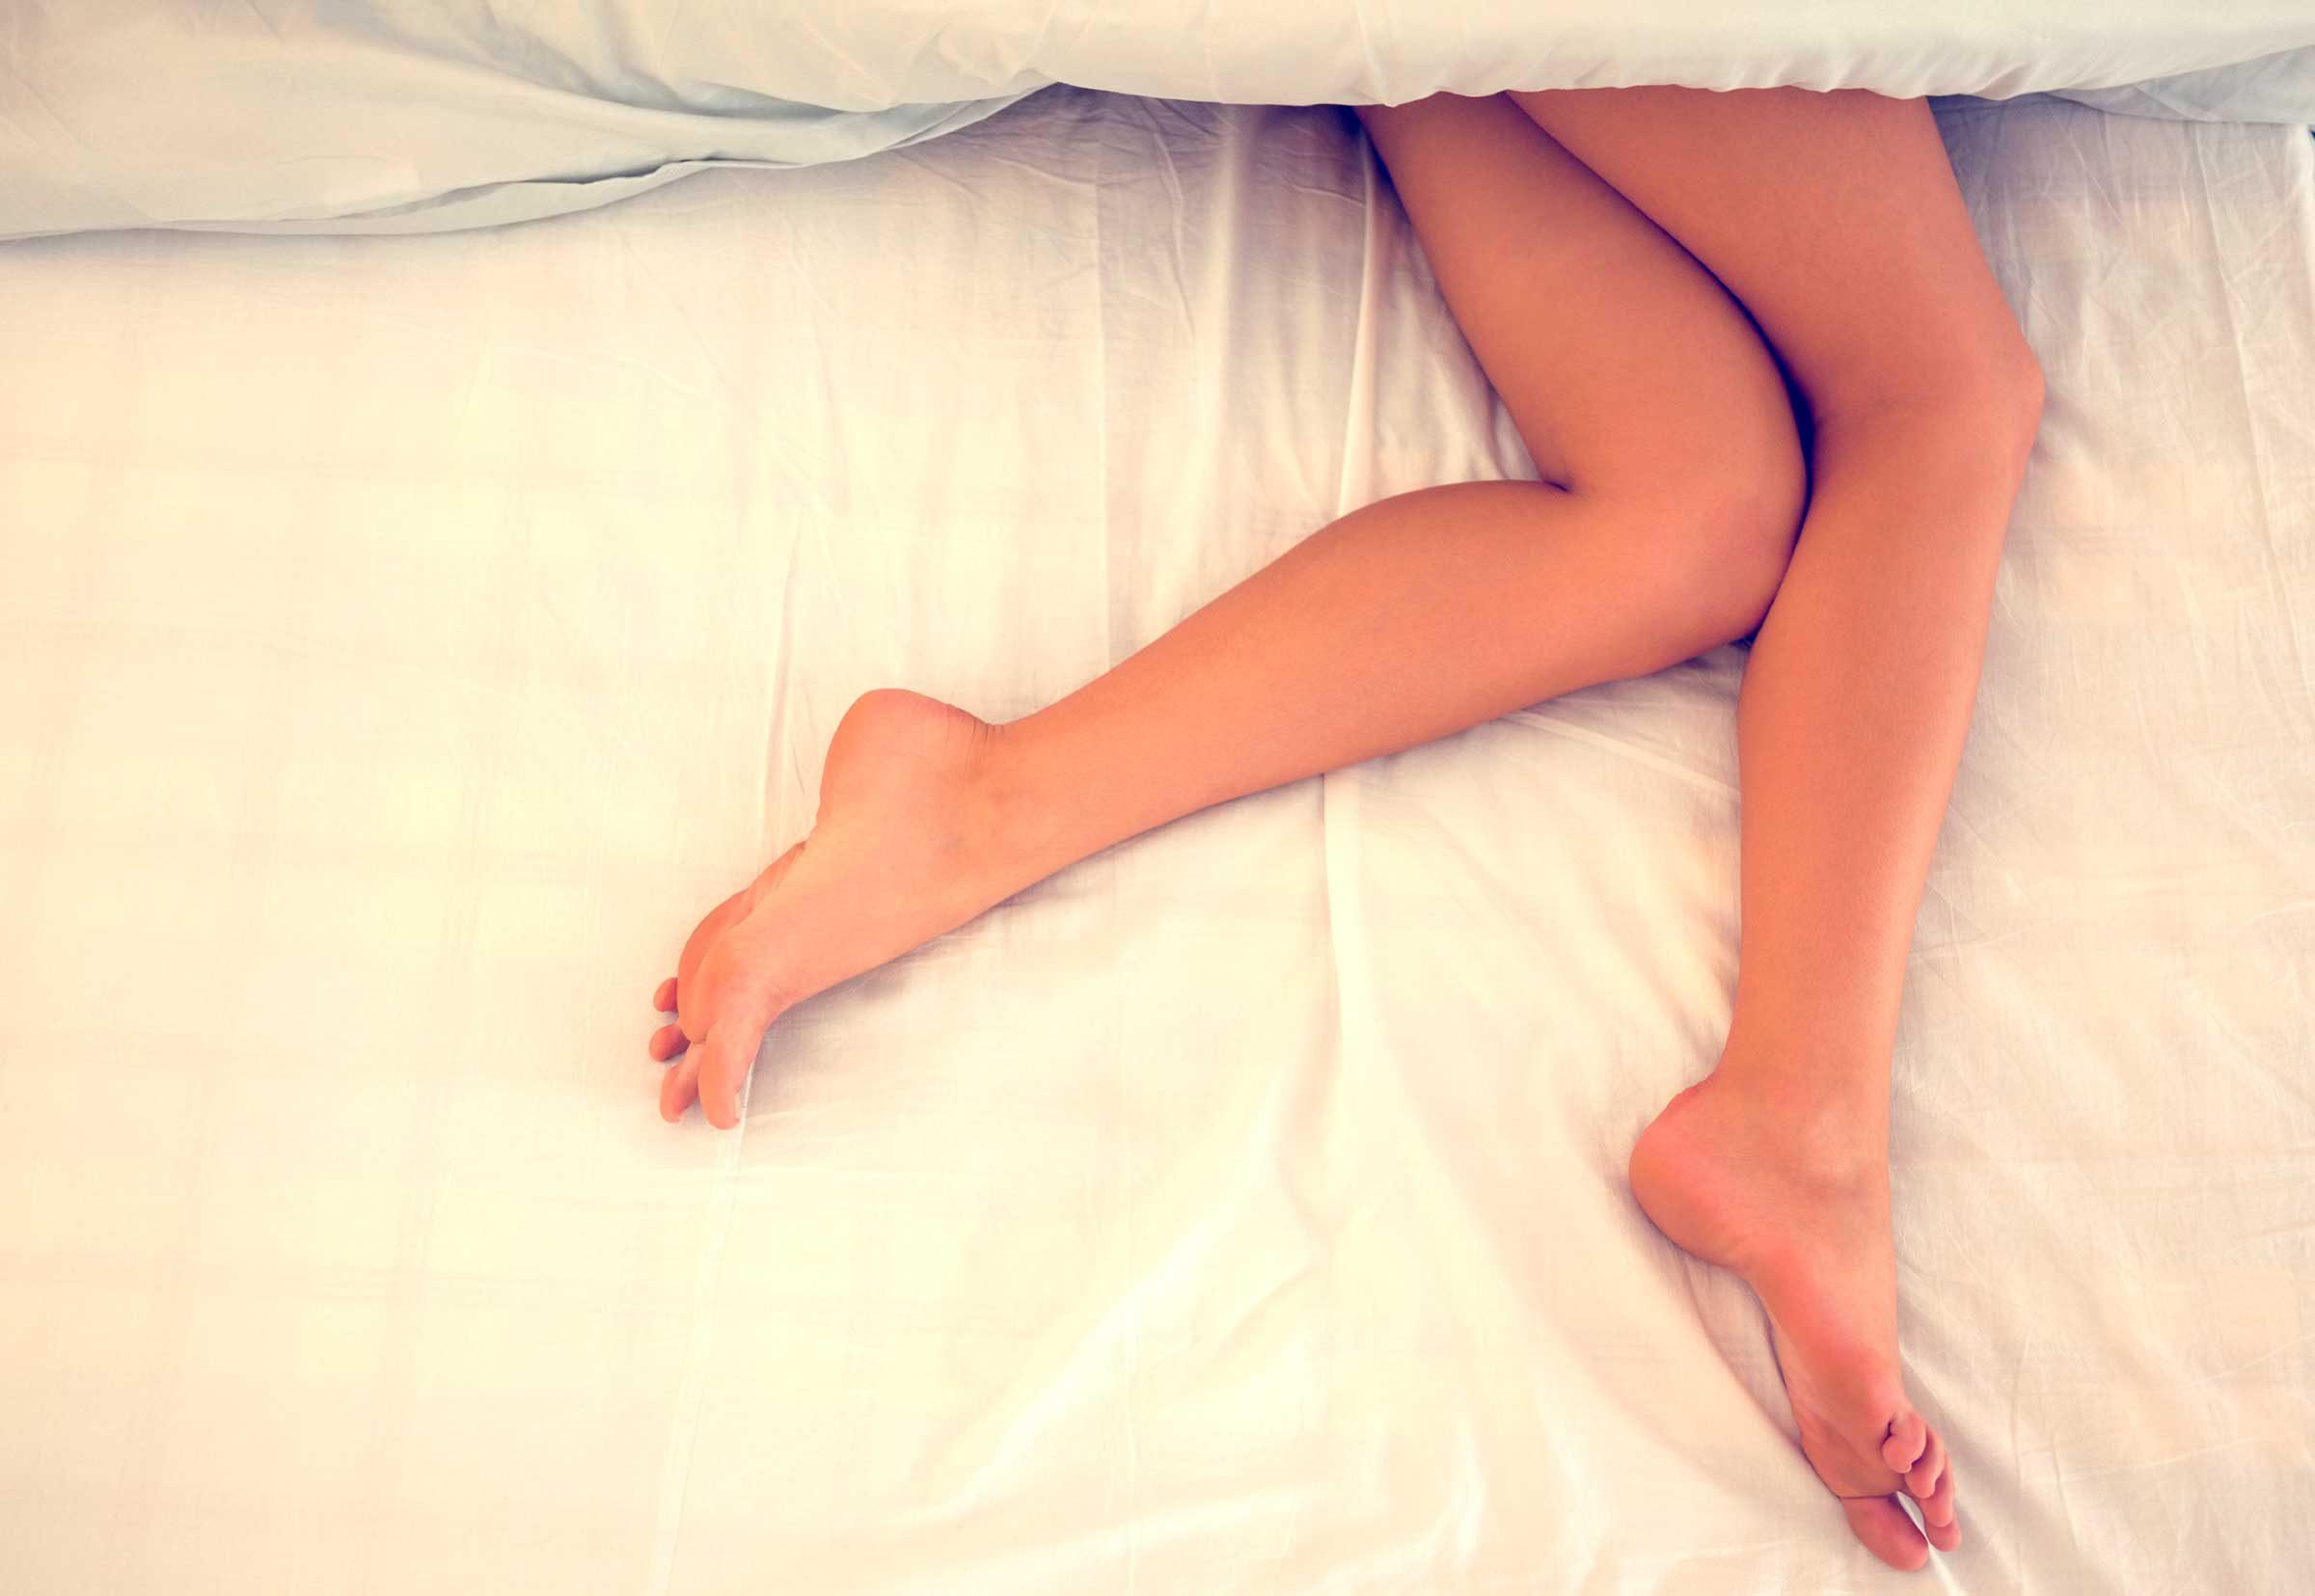 Ditch the pajamas